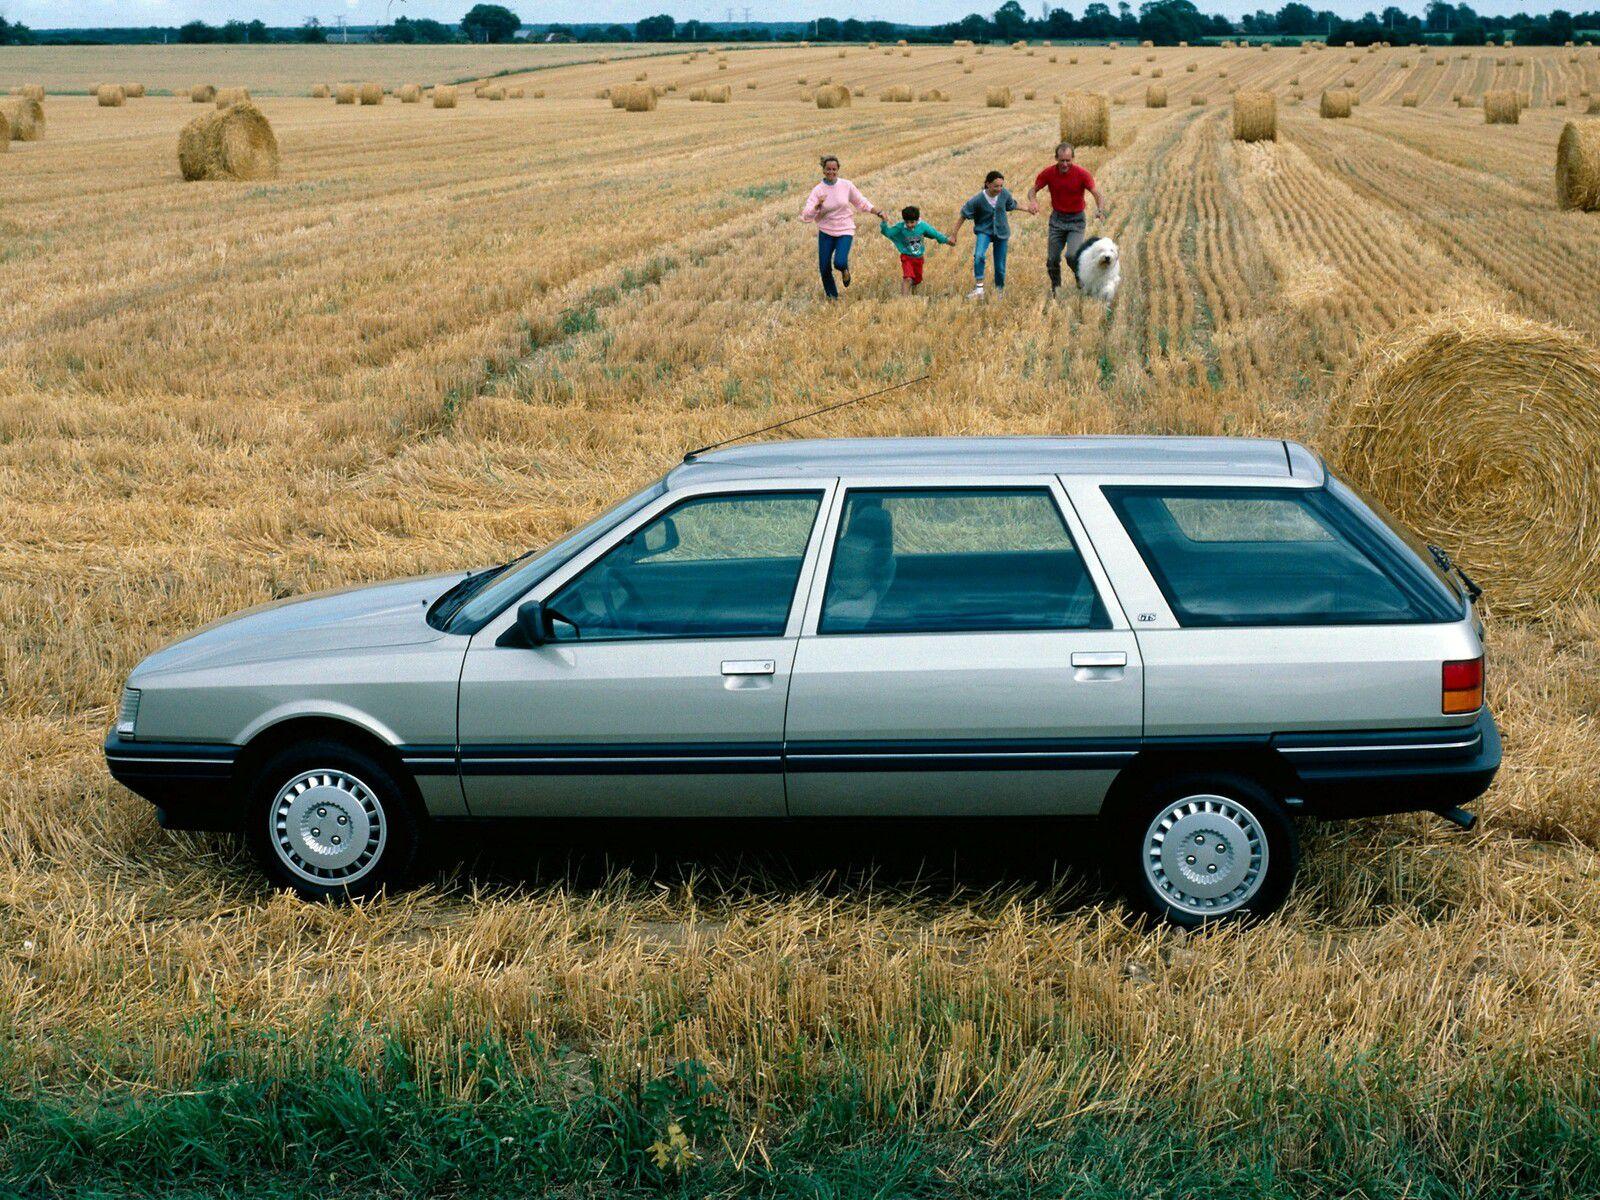 Une voiture dont on se souvient tous : la Renault 21 Nevada. Capacité de son coffre cubique et pratique : 674 litres.